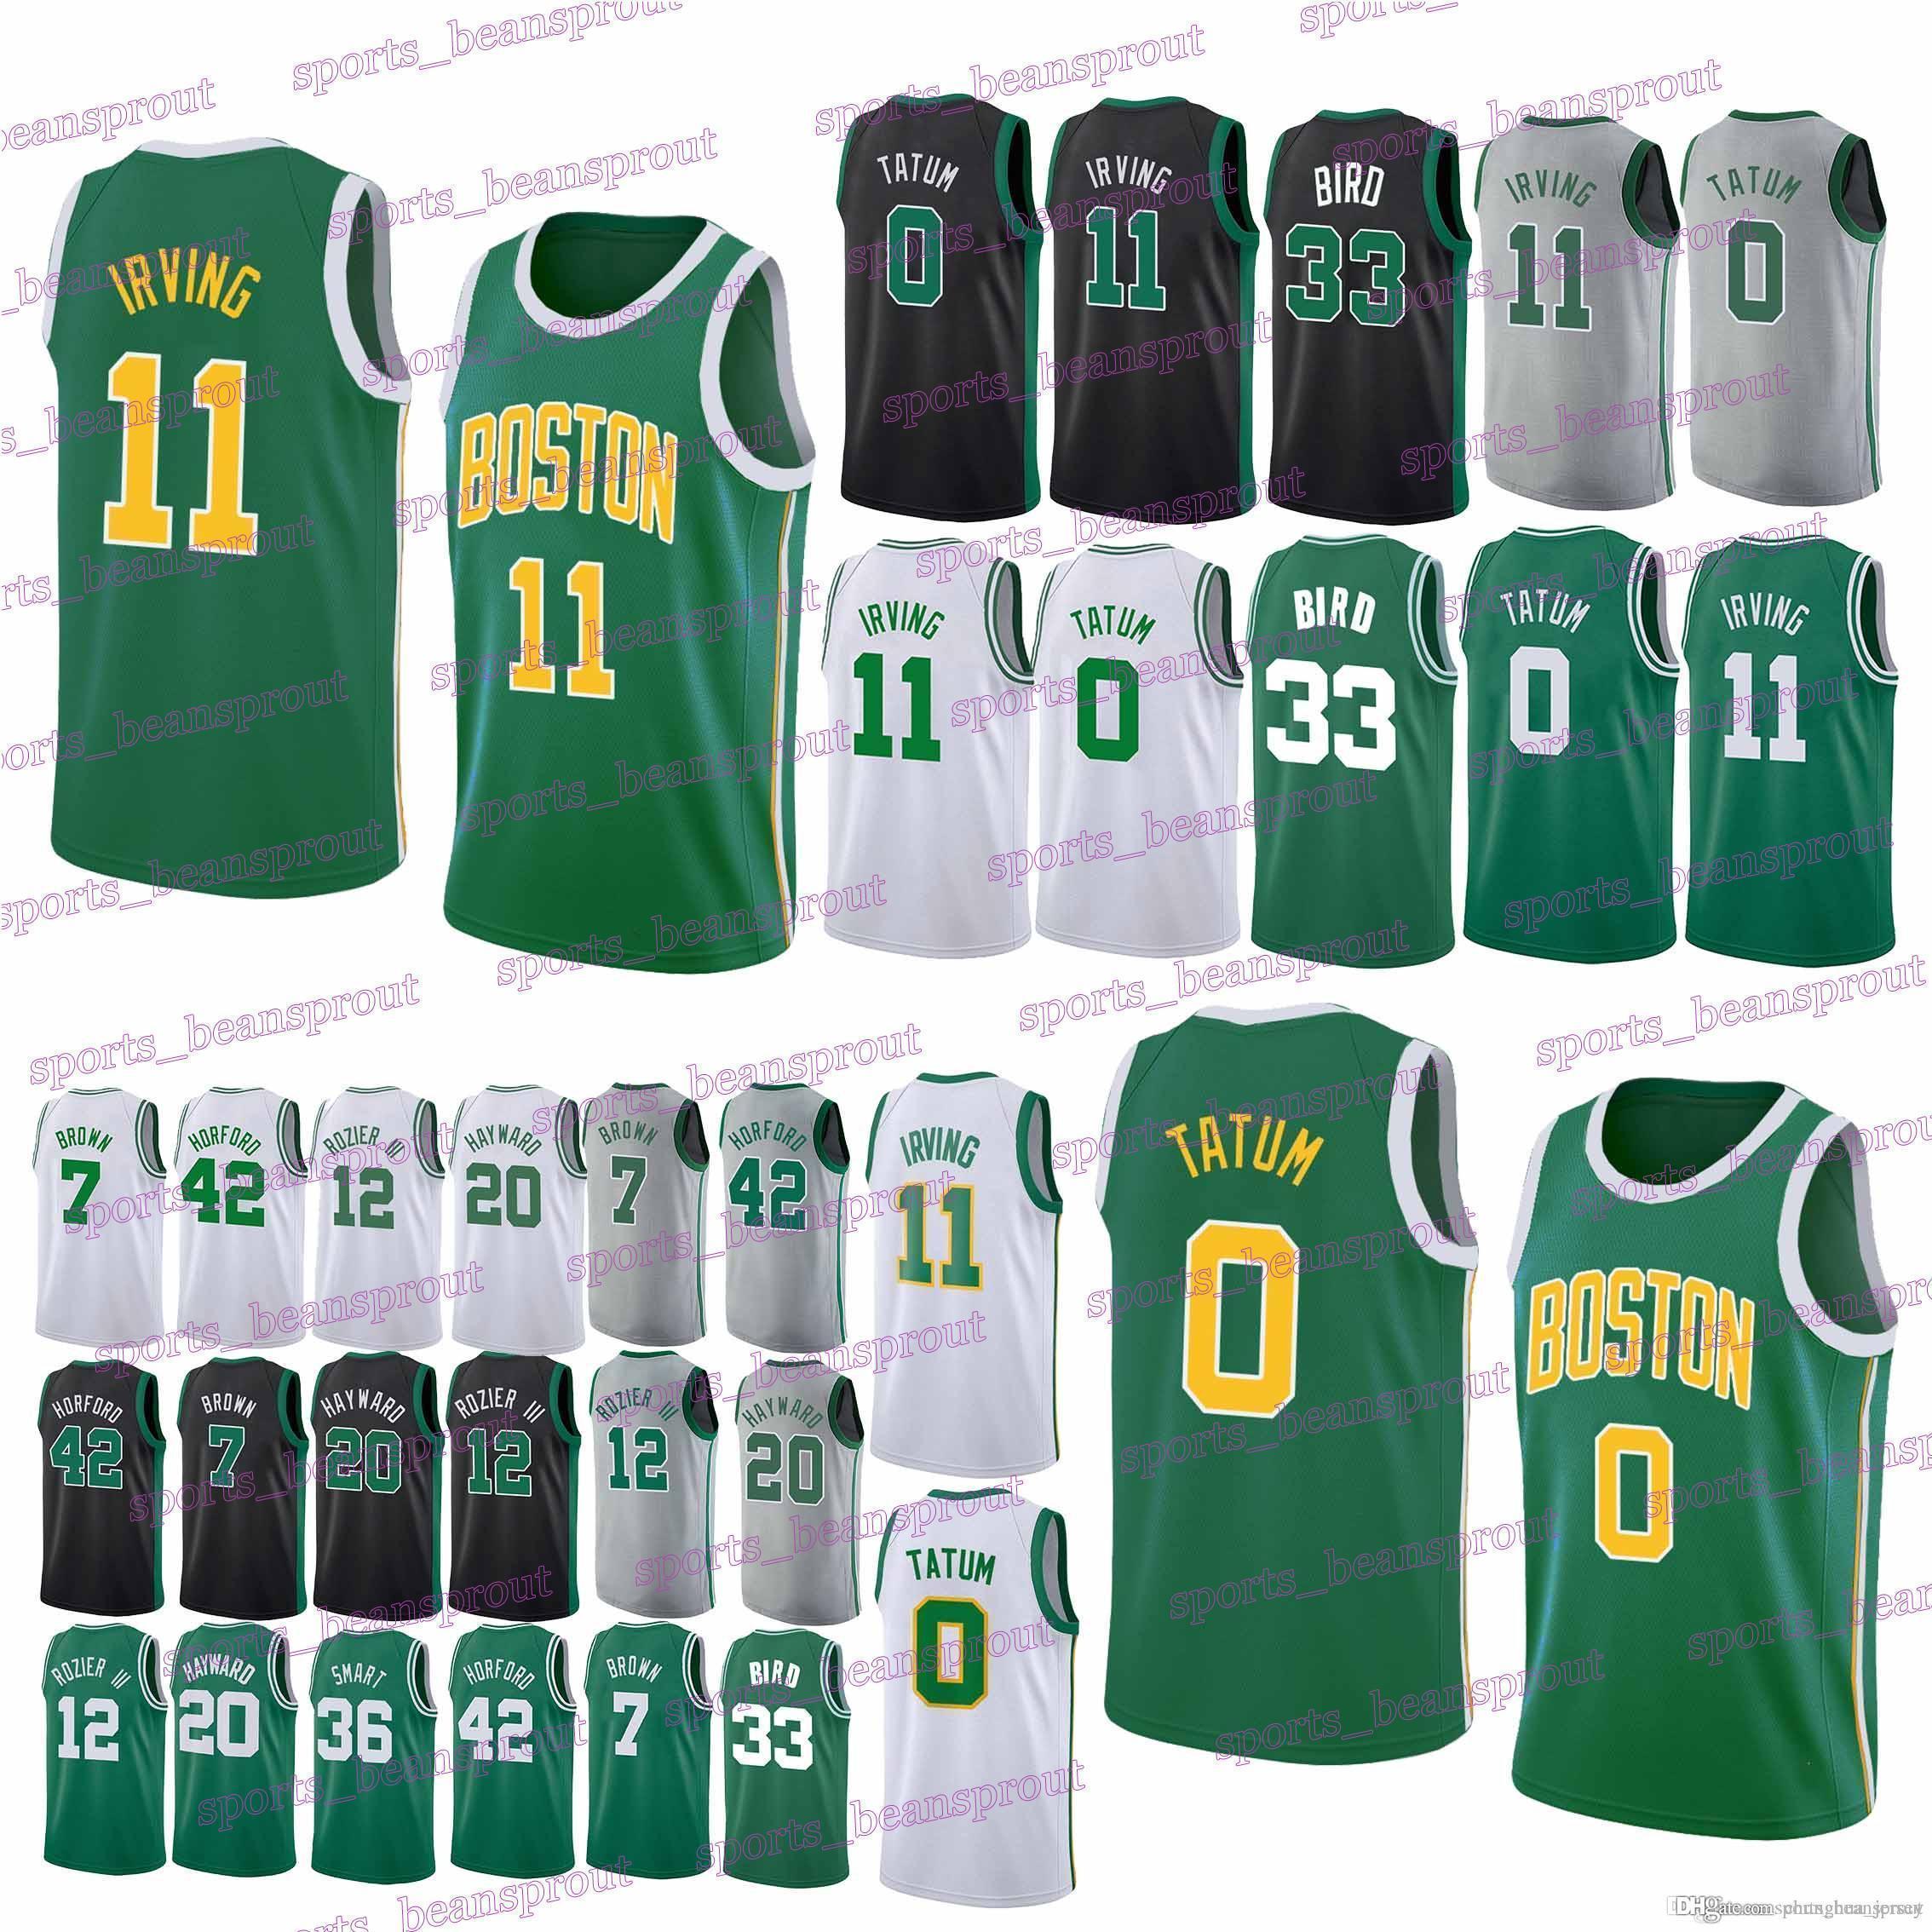 huge discount f1e8b 1c39c 2019 men Celtics jerseys 0 Jayson Tatum Boston 11 Kyrie Irving 33 Larry  Bird 42 Al Horford 20 Gordon Hayward jersey